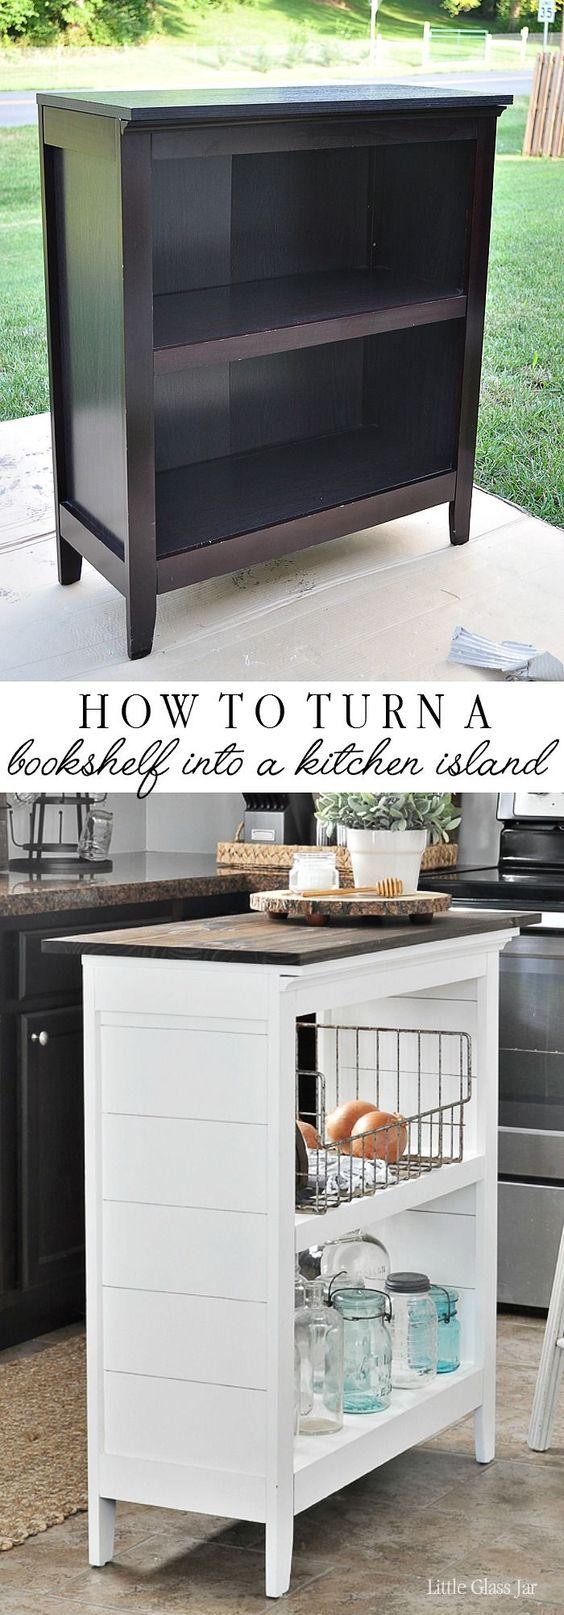 Ideas para arreglar tu cocina con poco dinero - Cocina con poco ...